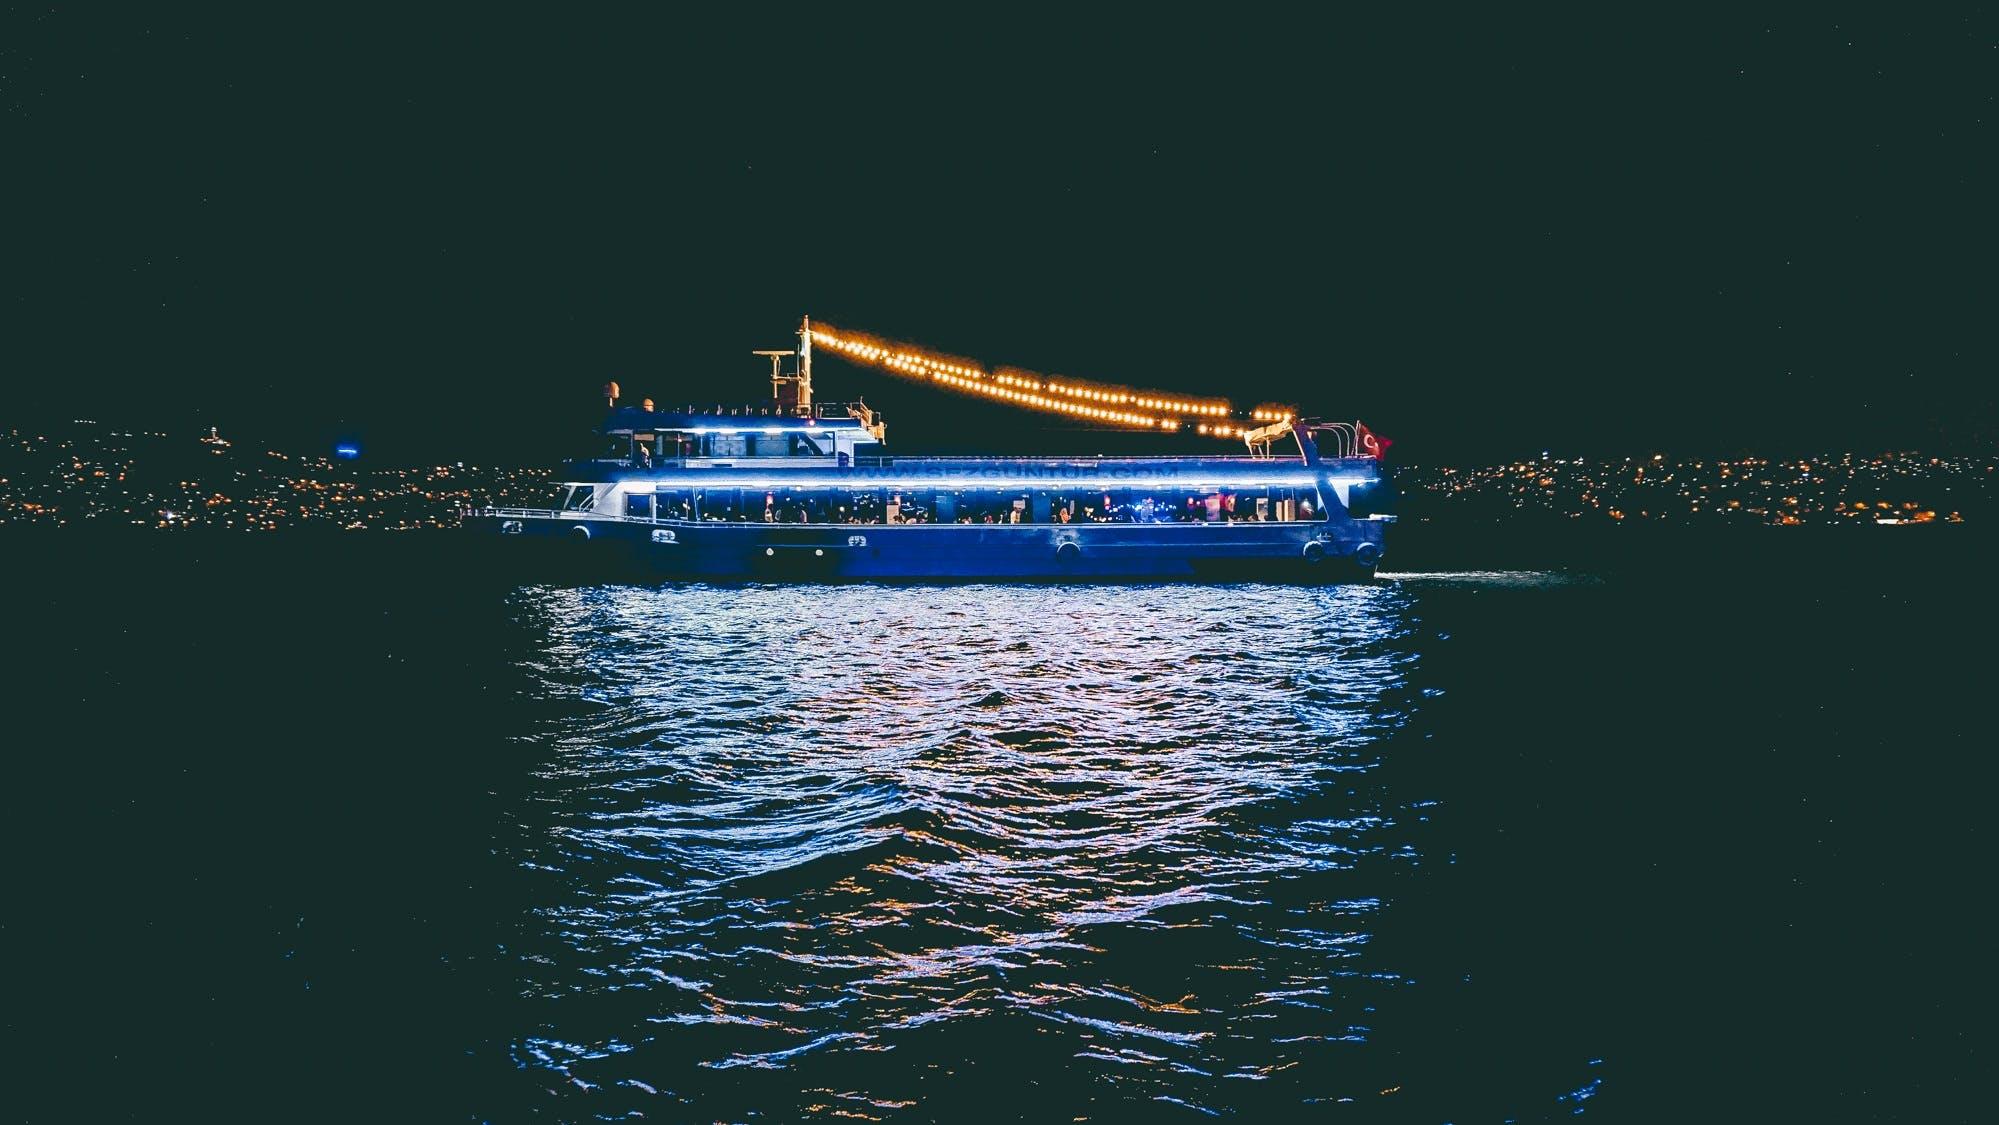 Free stock photo of city, night, boat, ship